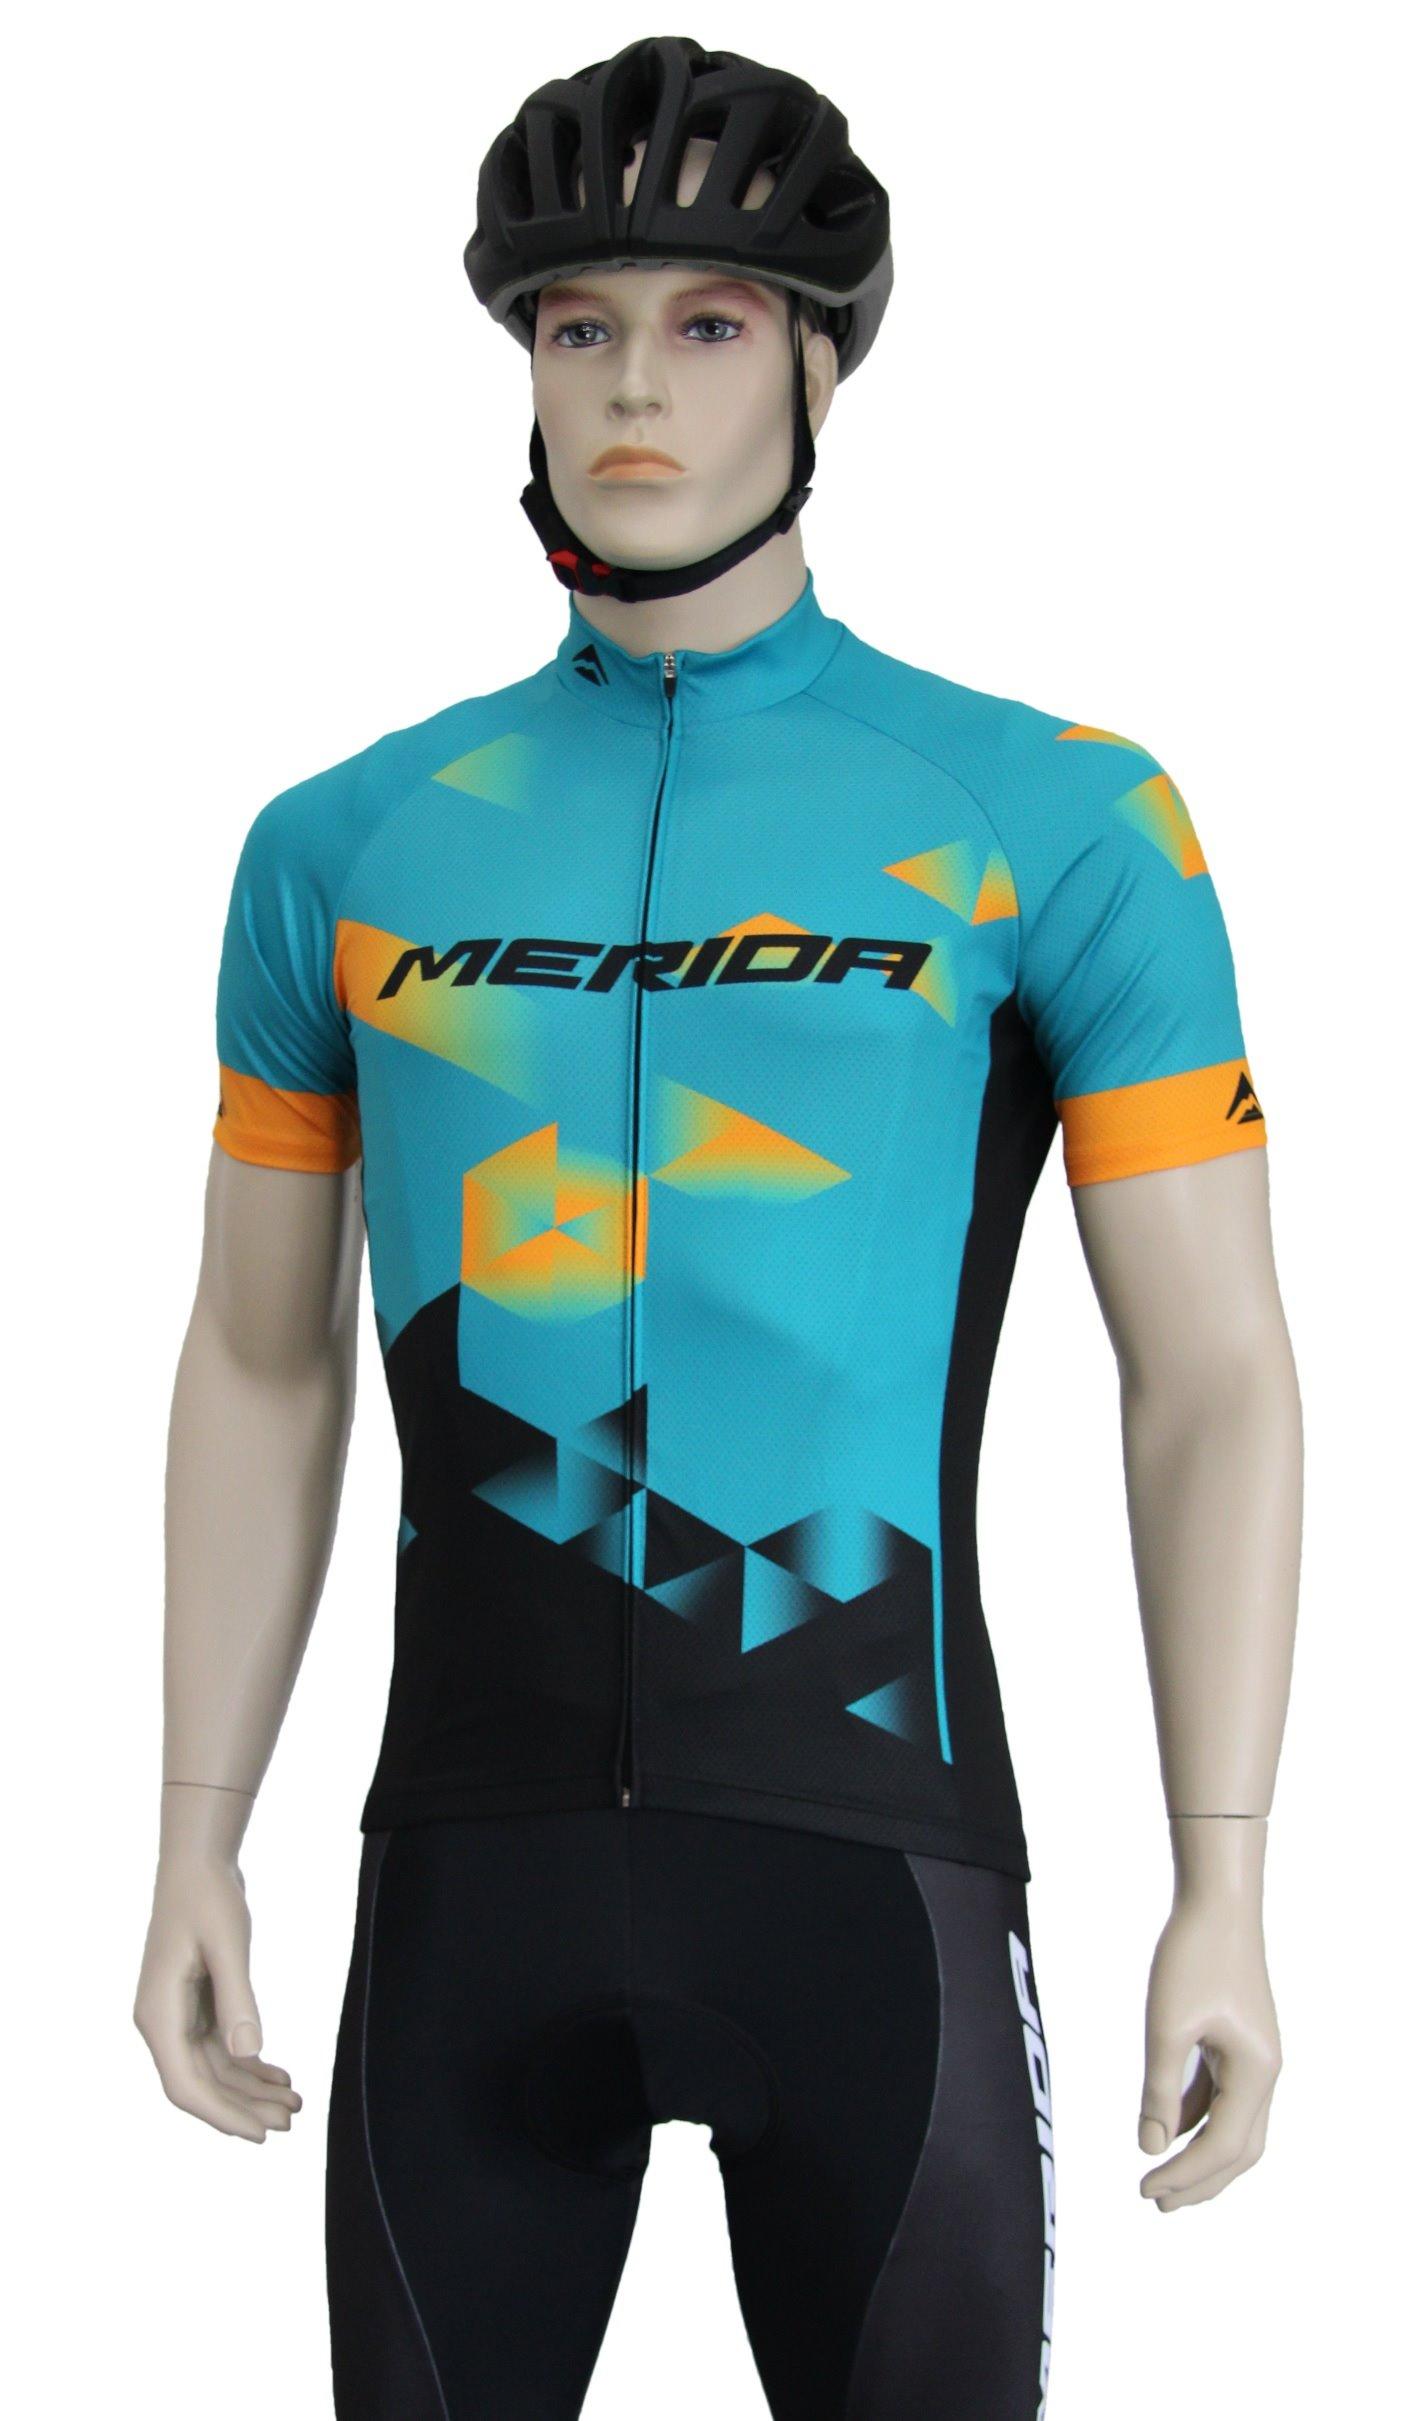 MERIDA - Dres pánský SPORT teal-oranžovo-černý L